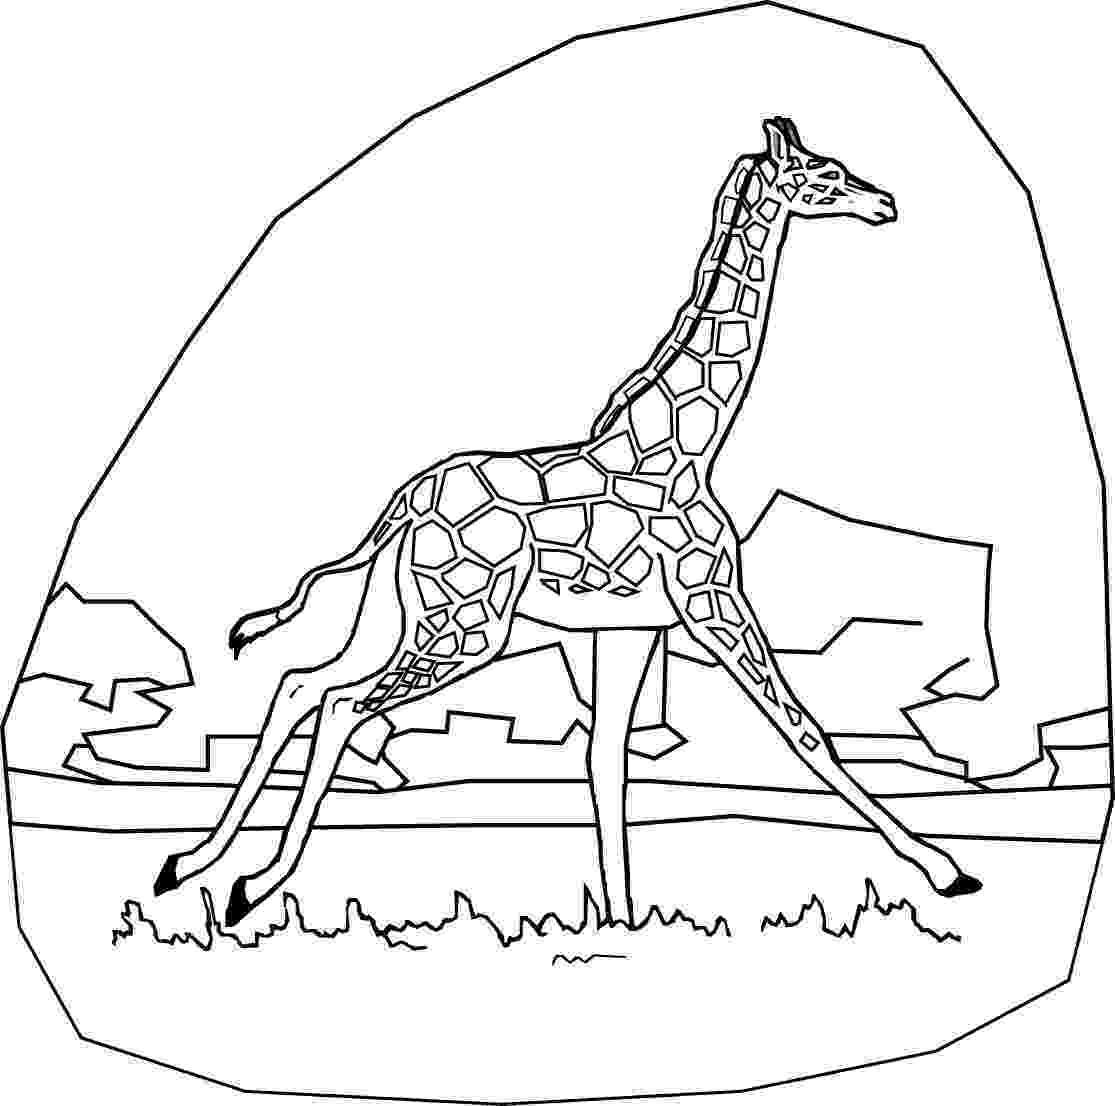 colouring sheet giraffe free giraffe coloring pages colouring giraffe sheet